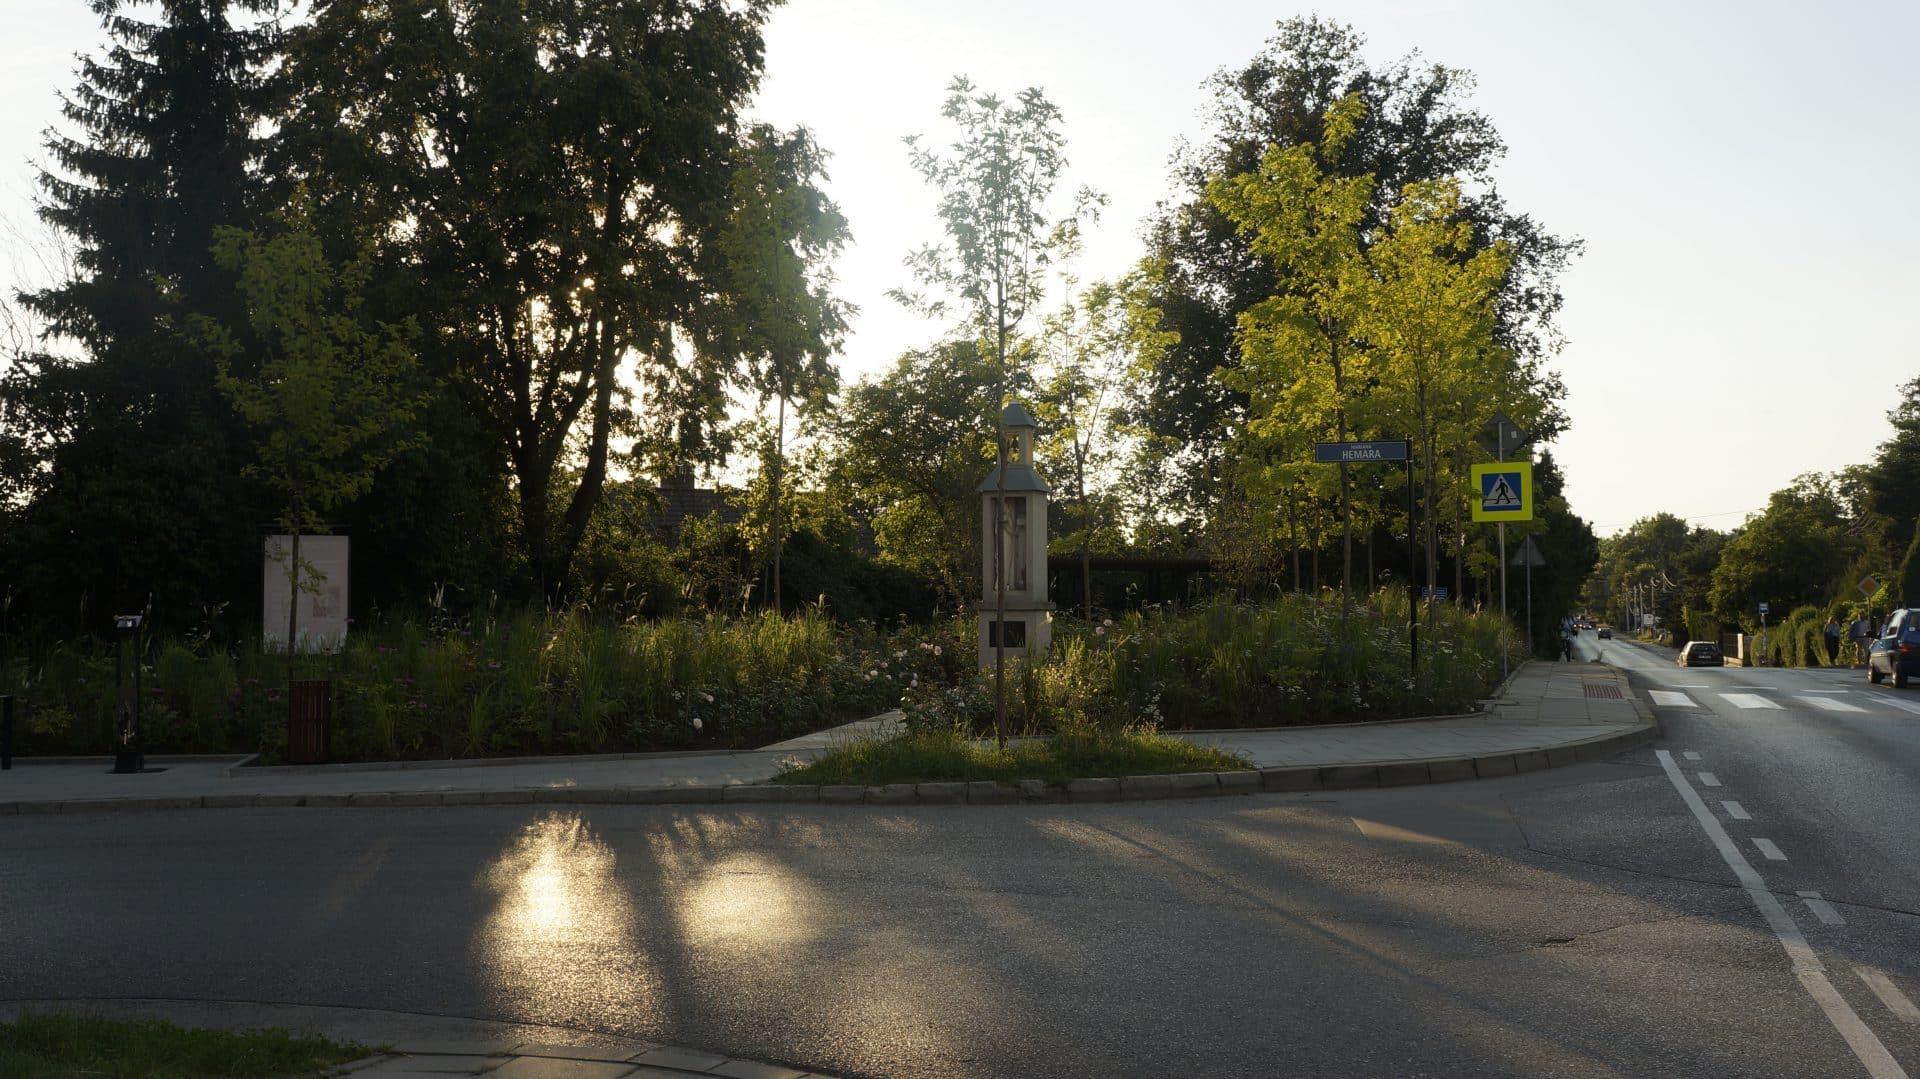 Malwowy Ogród Krakowian widziany z drugiej strony ulicy.